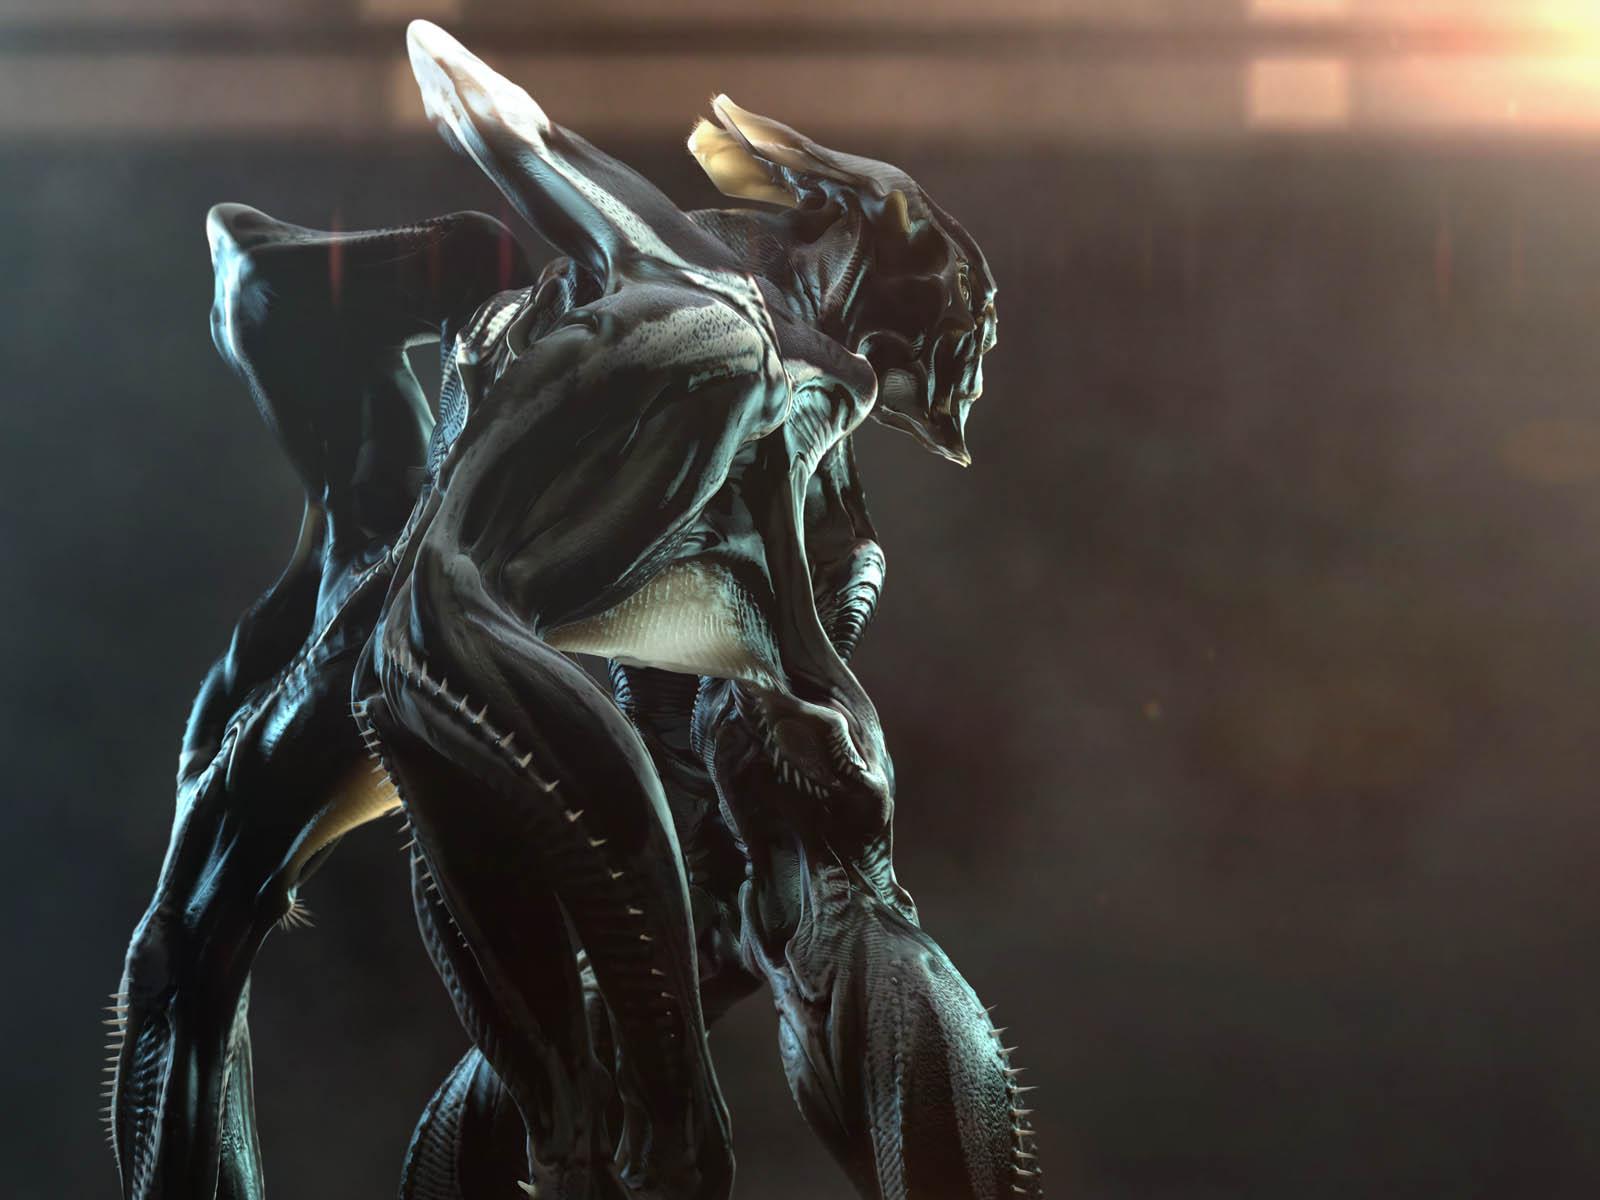 Super 8 Alien Cloverfield | www.pixshark.com - Images ...